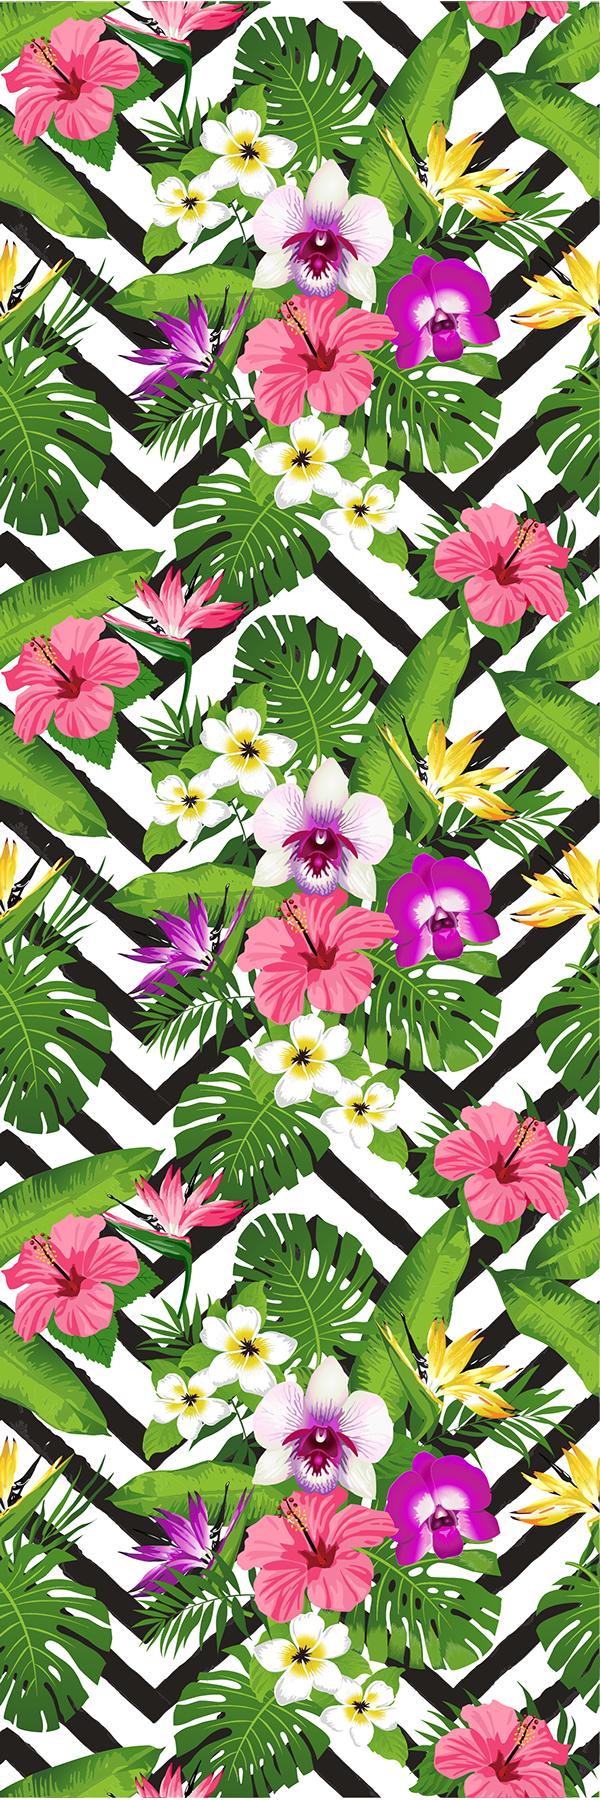 TenStickers. Hladilne nalepke cvetovi džungle. Okrasite svojo kuhinjo na izviren način s to hladilno nalepko v slogu džungle.